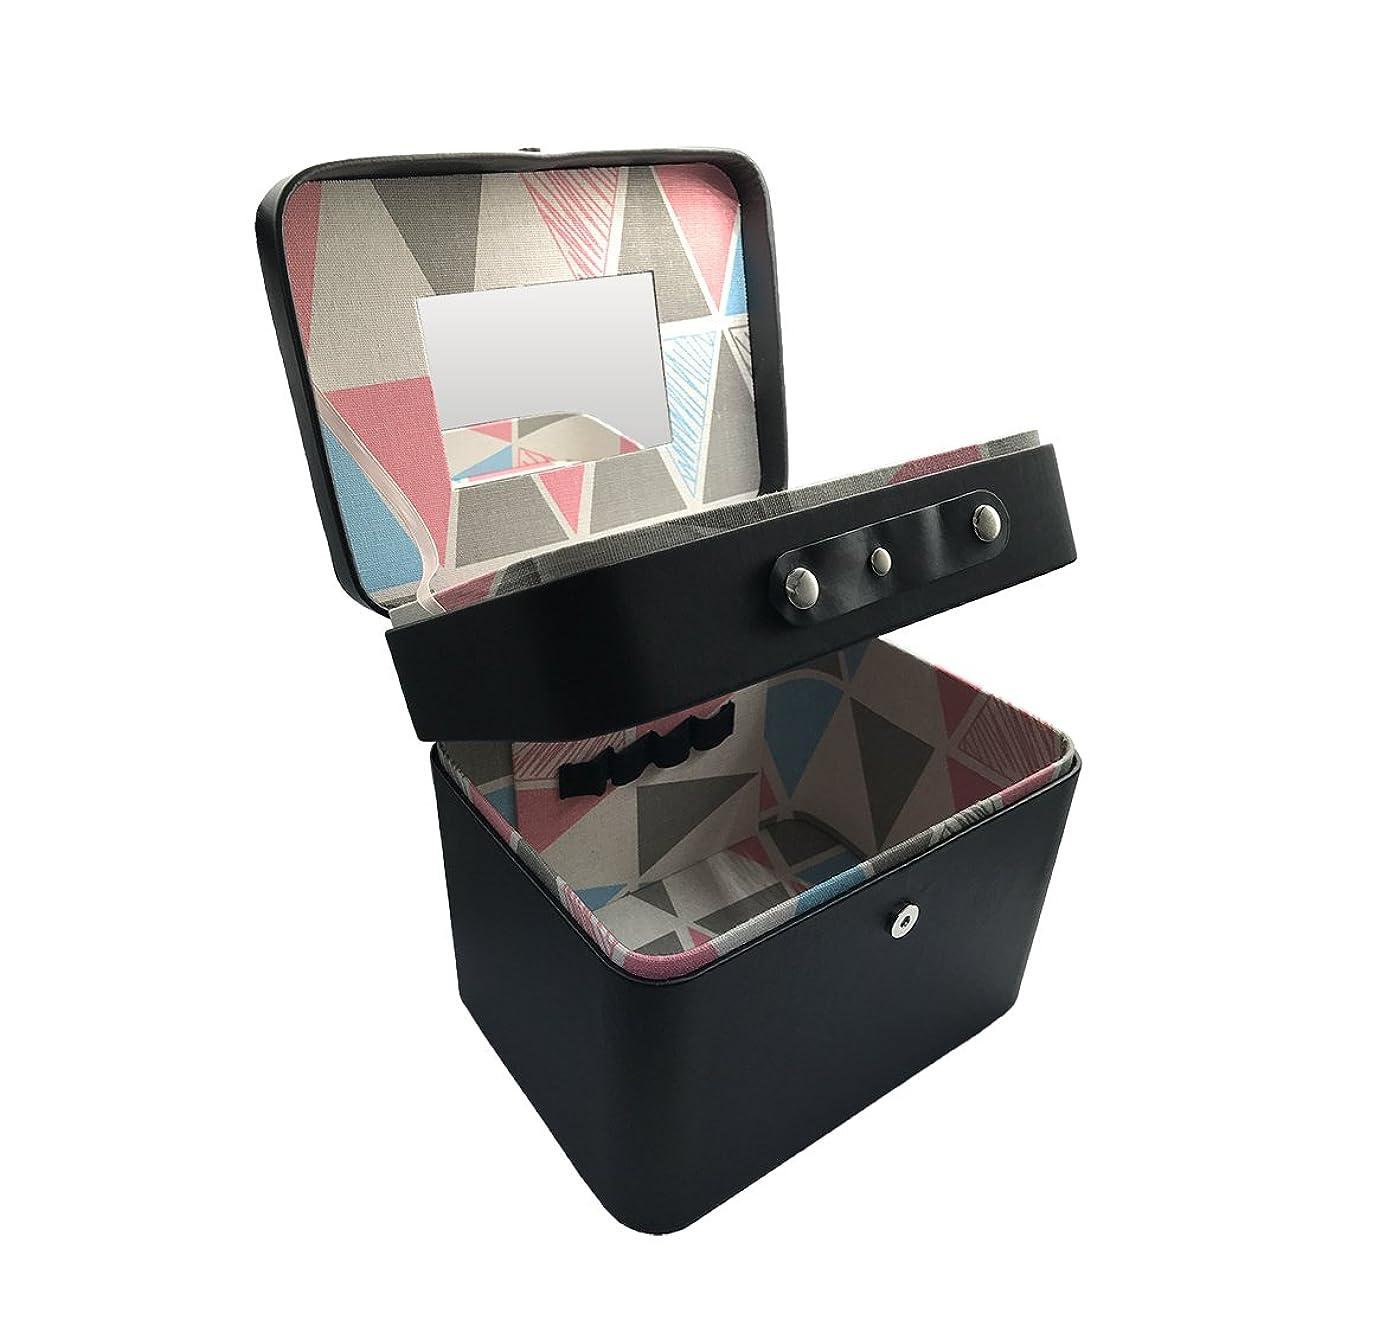 見る眠るふけるSZTulip コスメボックス メイクボックス 大容量収納ケース メイクブラシ化粧道具小物入れ 鏡付き 化粧品収納ボックス (ブラック)